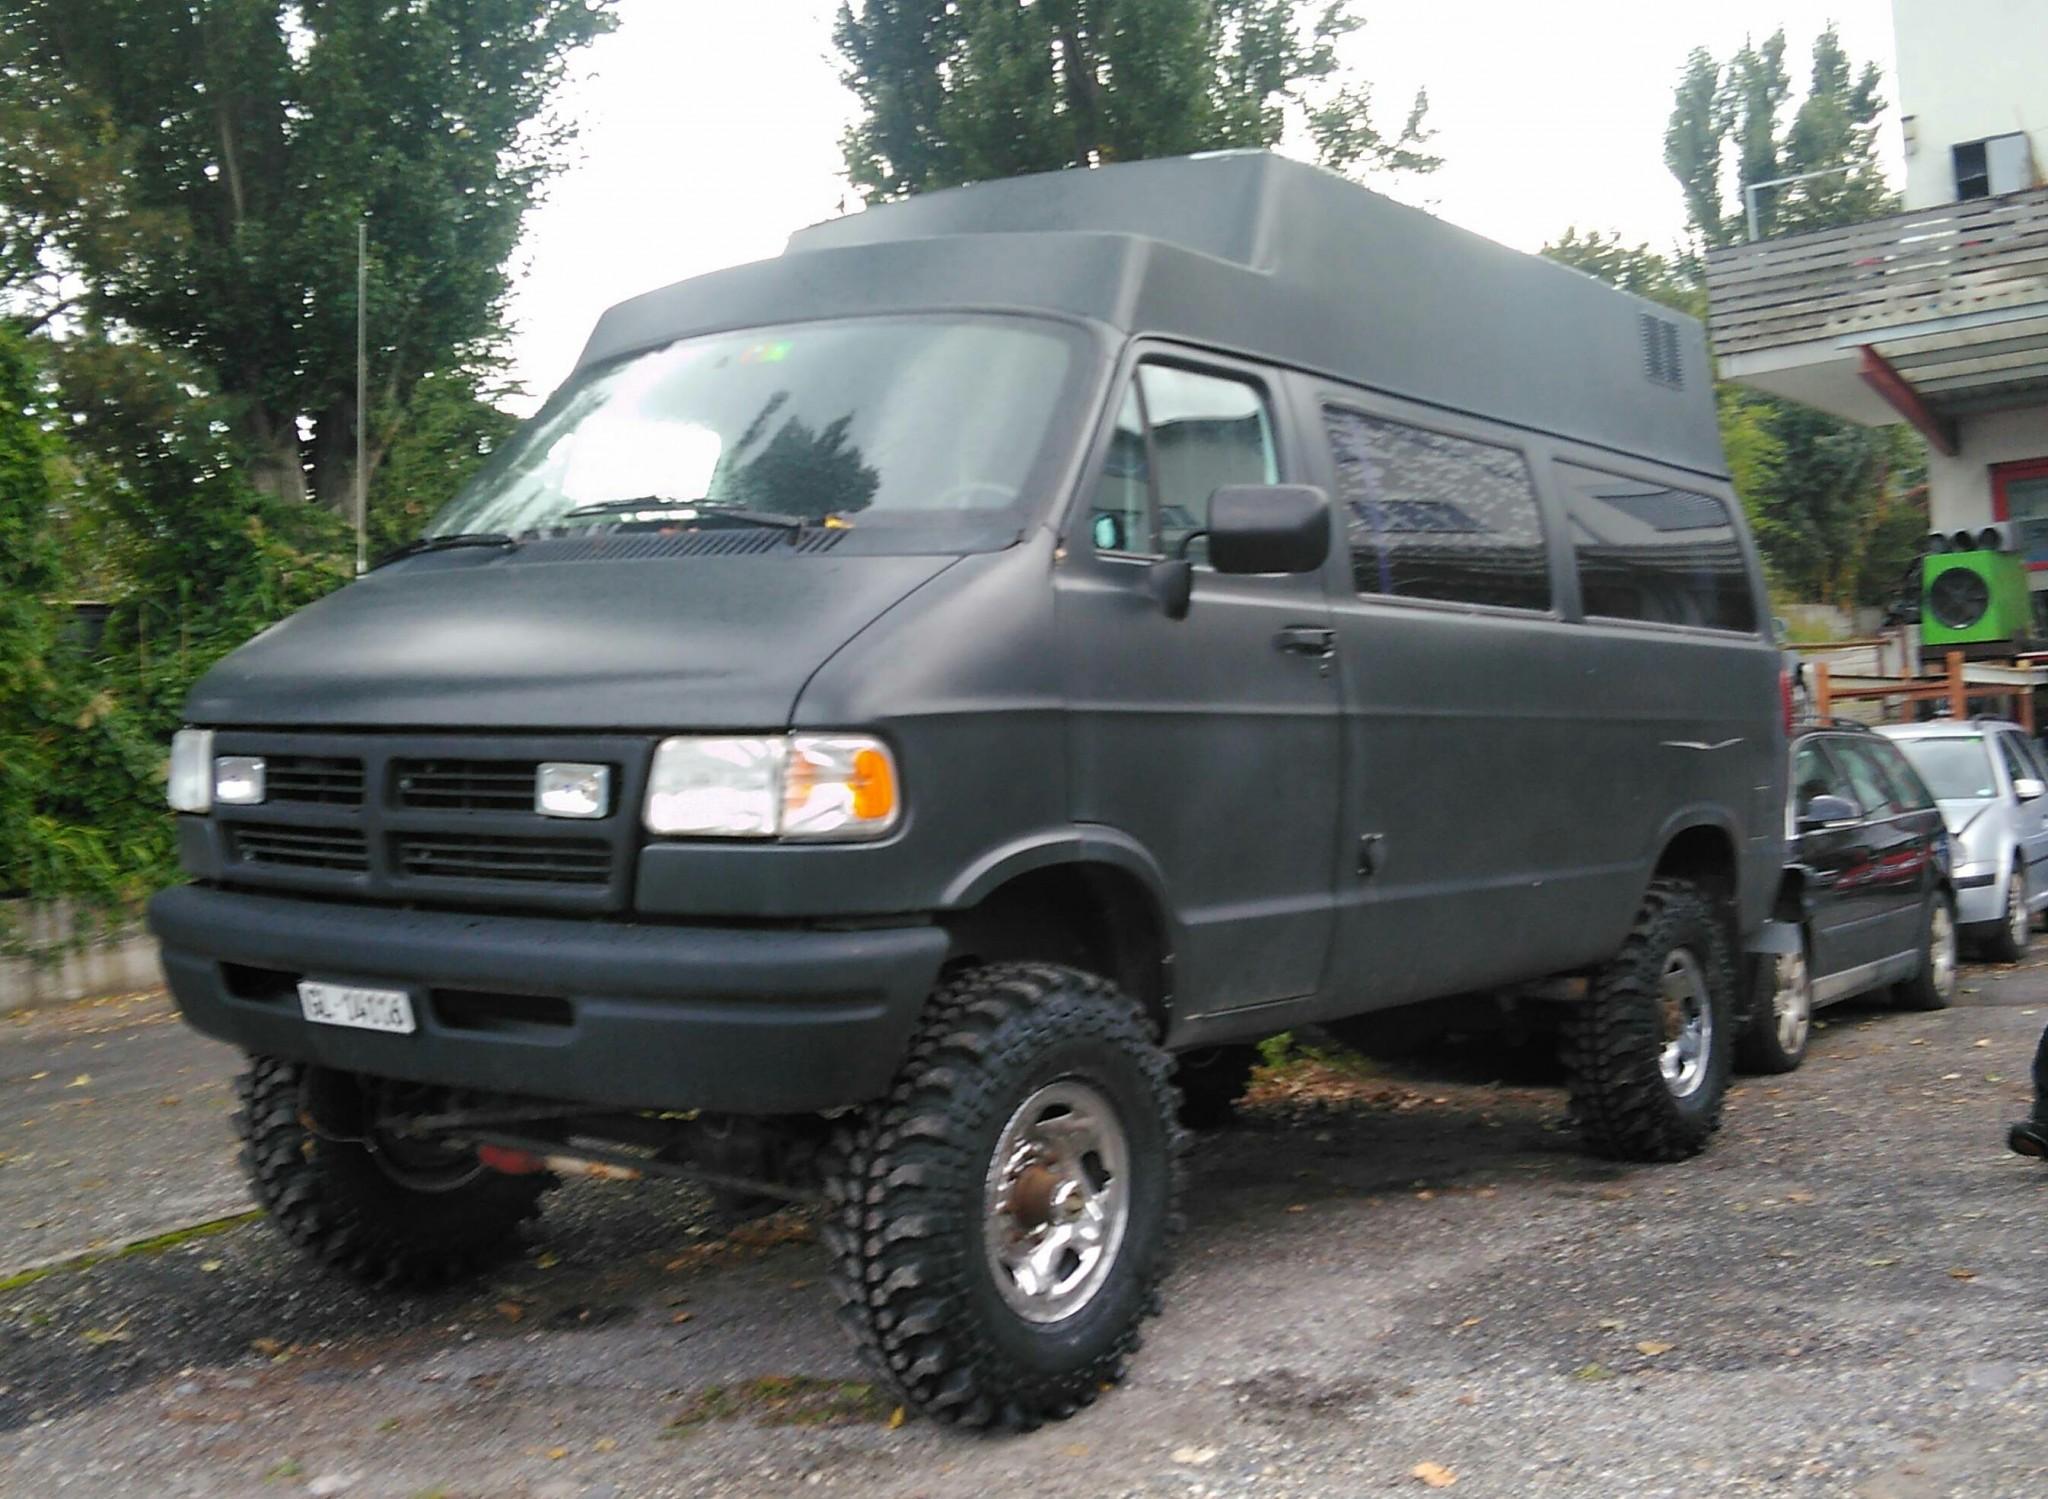 bus Dodge Grand Caravan Mowag Van Offroad 4x4 frisch ab MFK